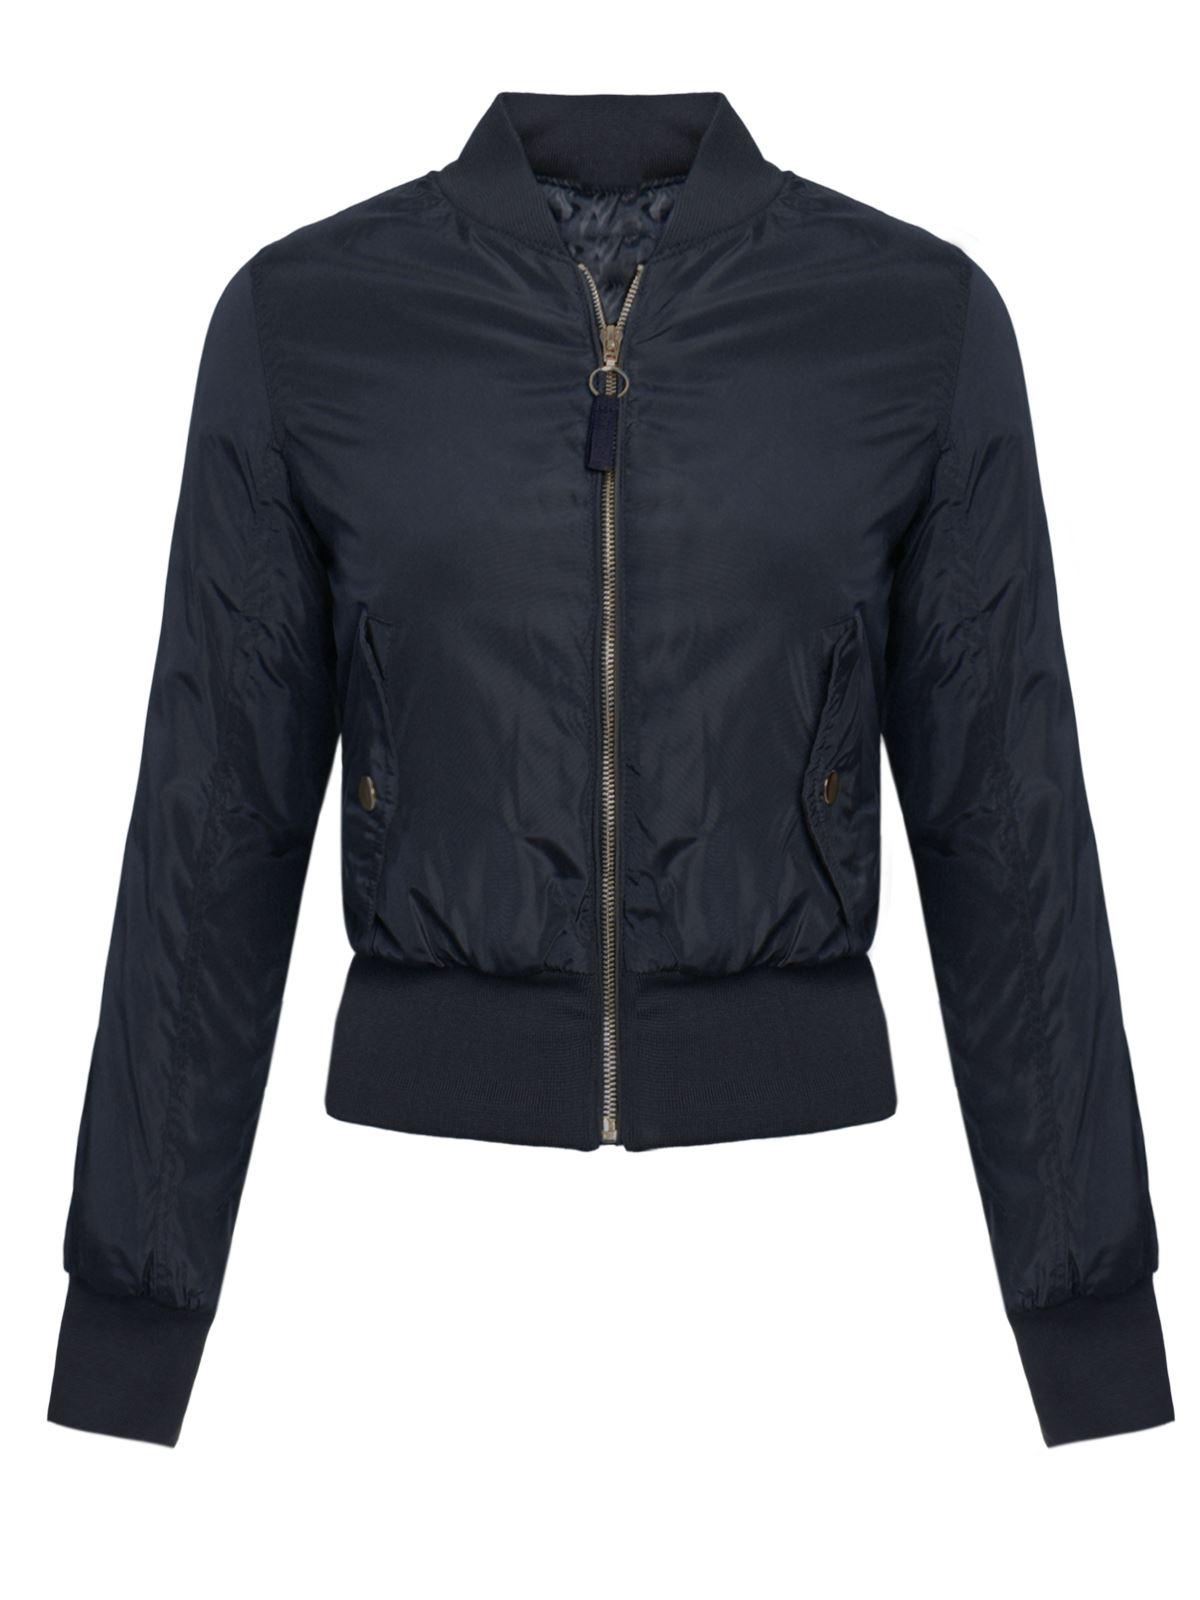 Ladies Womens Brave Soul Jacket Padded Vintage Zip Up ...